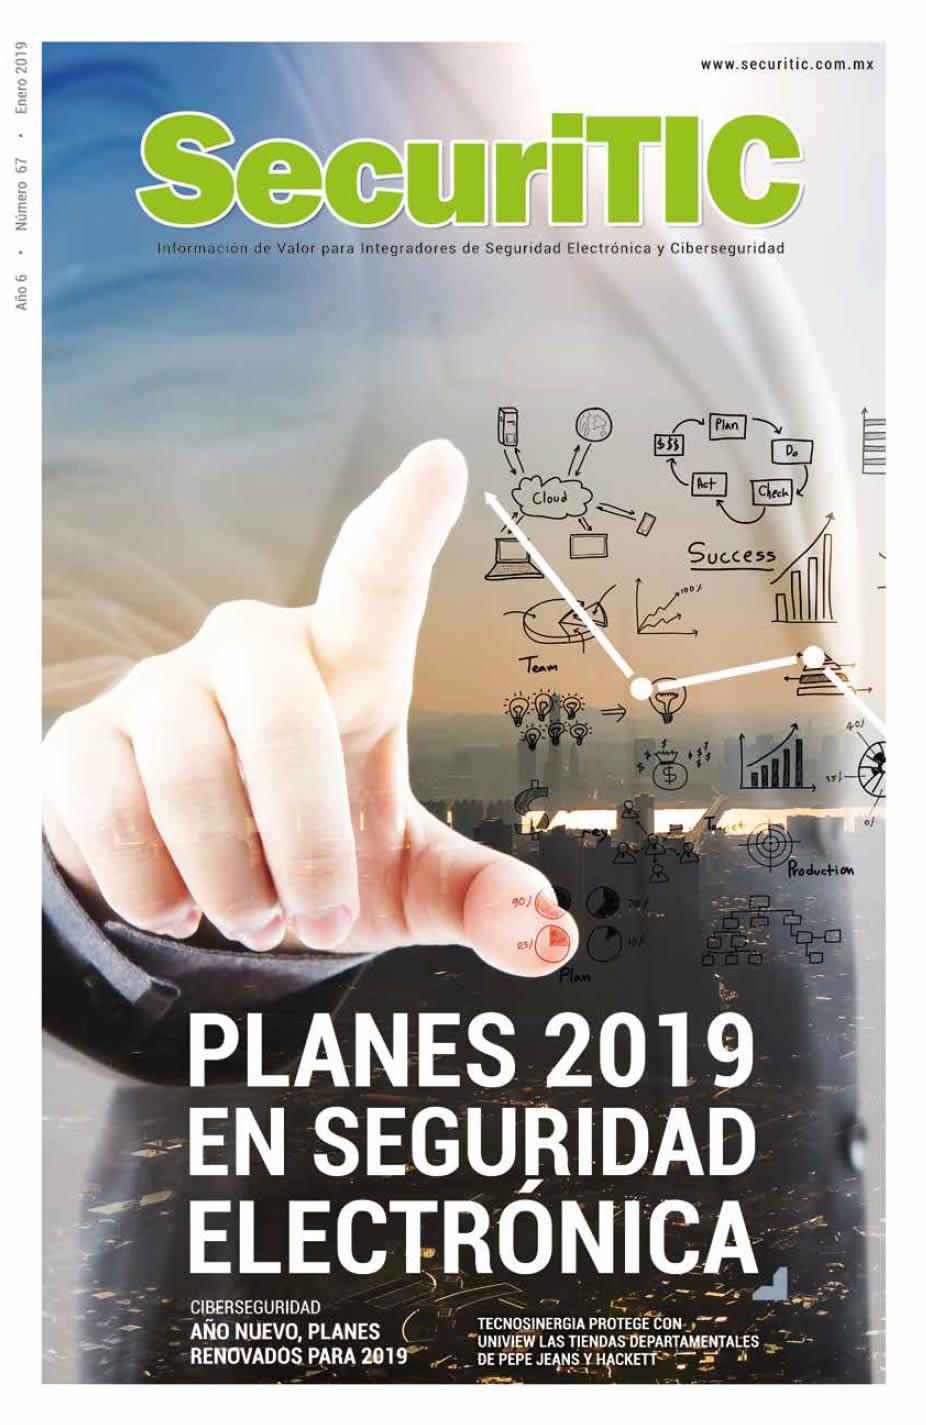 Planes 2019 en Seguridad Electrónica